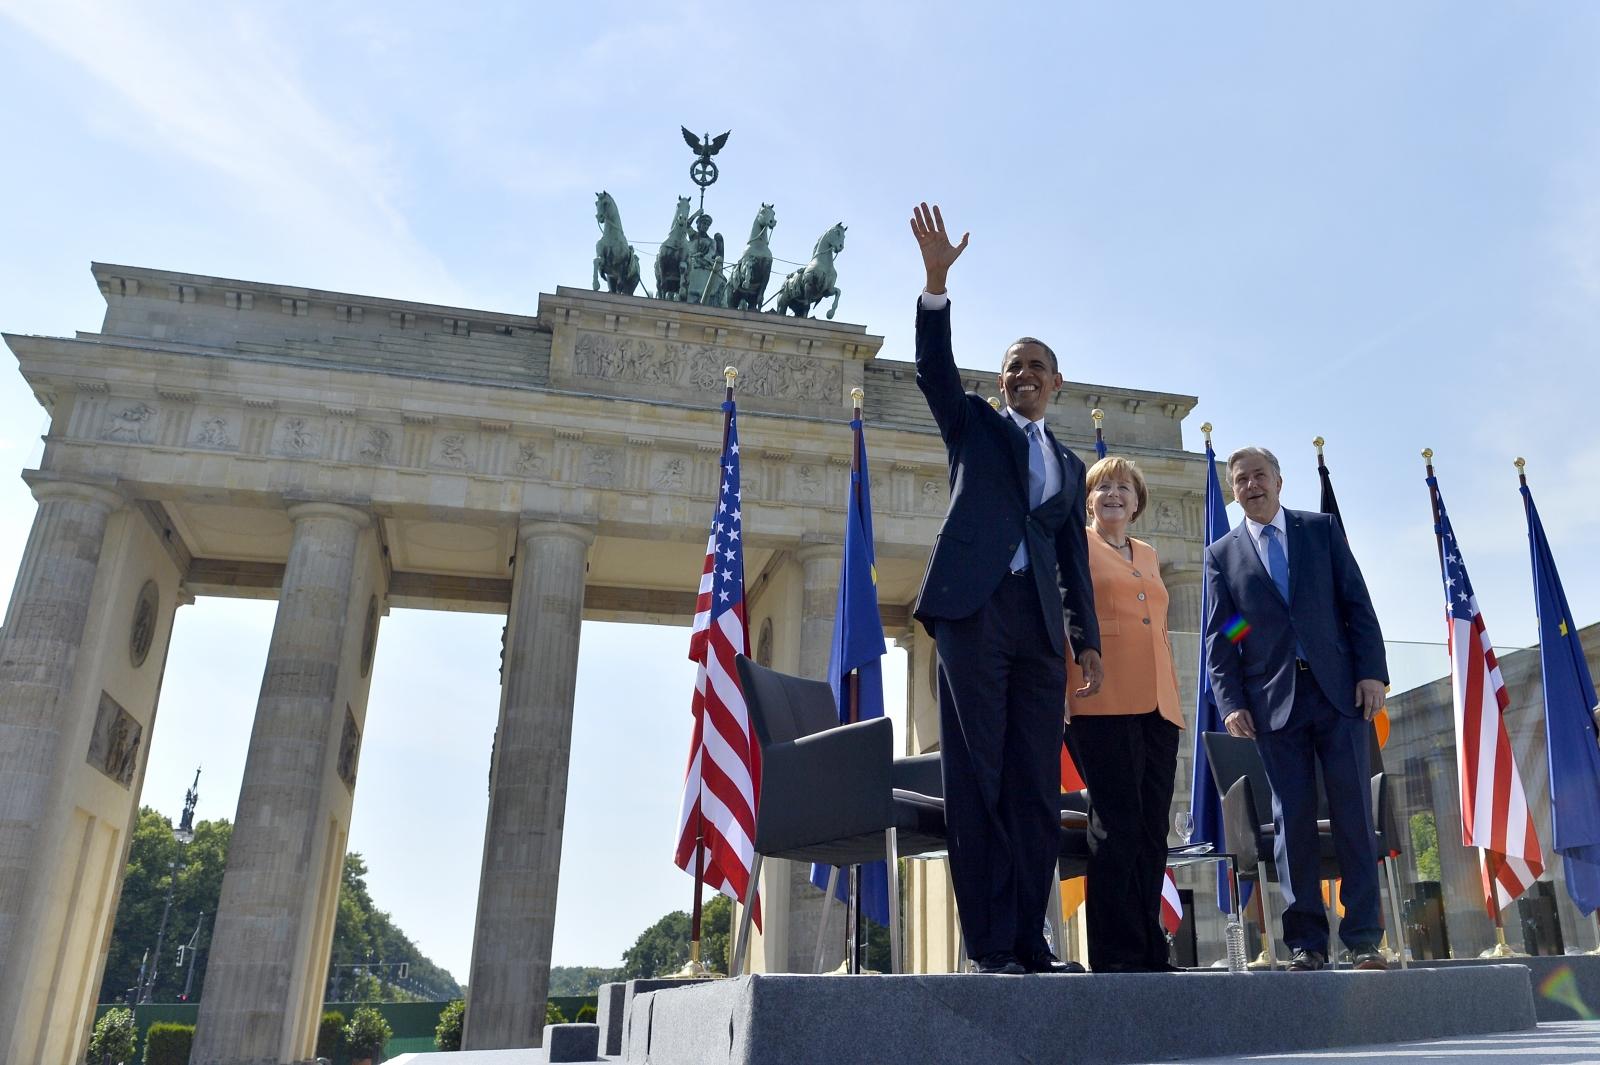 Barack Obama in Berlin, Brandenburg Gate